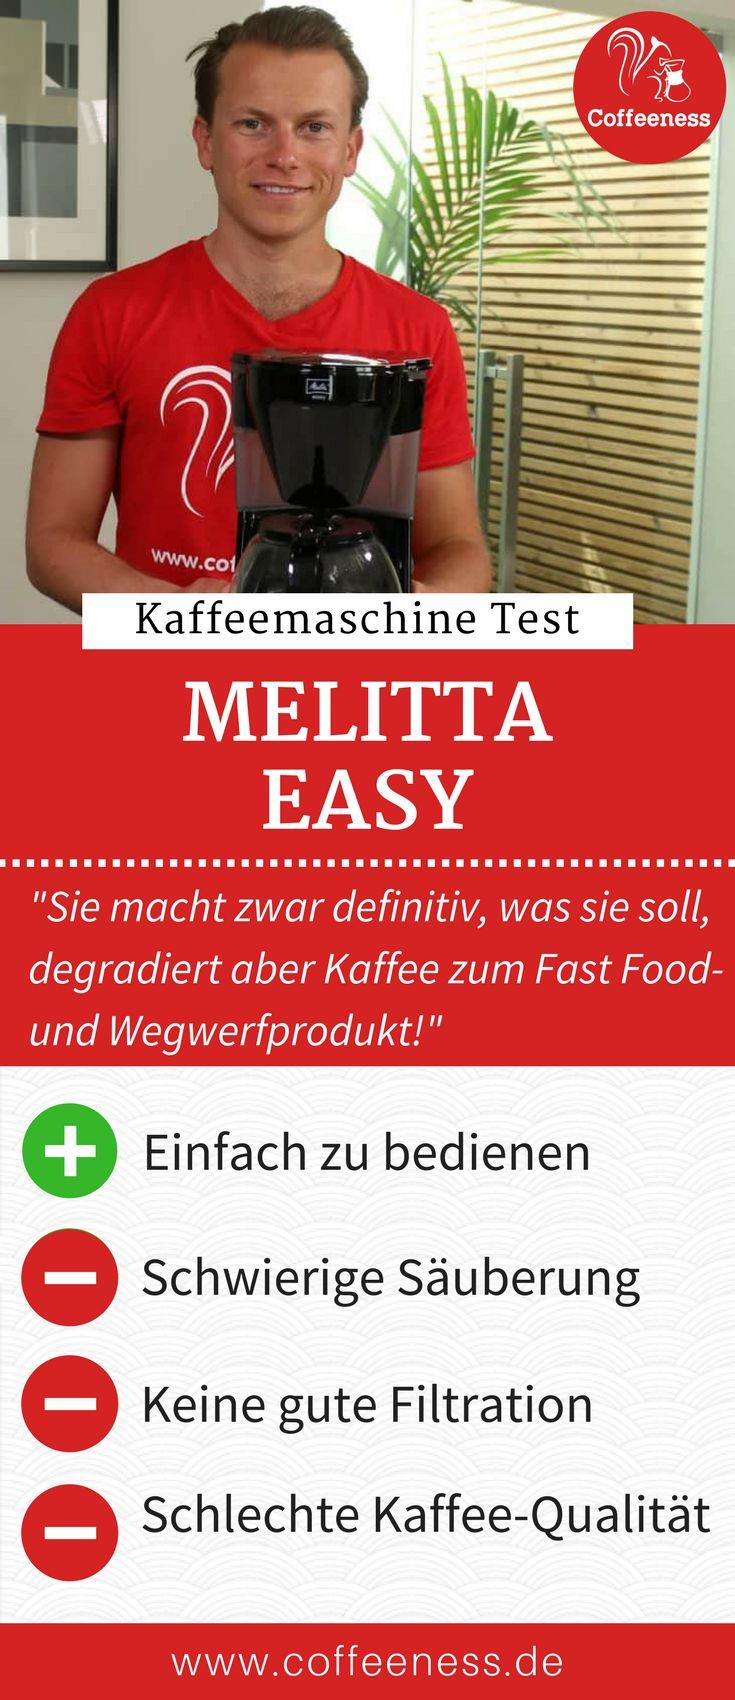 """Für """"Easy"""" bin ich ja immer zu haben, aber die Melitta Easy Kaffeemaschine macht es sich dann doch zu leicht. Sie macht zwar definitiv, was sie soll, degradiert aber Kaffee zum Fast Food- und Wegwerfprodukt, bei dem die Qualität so gar keine Rolle spielt. Welche preiswerte Kaffeemaschine ich euch anstatt dessen empfehlen würde, erfahrt ihr in meinem ausführlichen Test der Melitta Easy. #Kaffeemaschine #Coffeeness #Kaffee #Küche"""